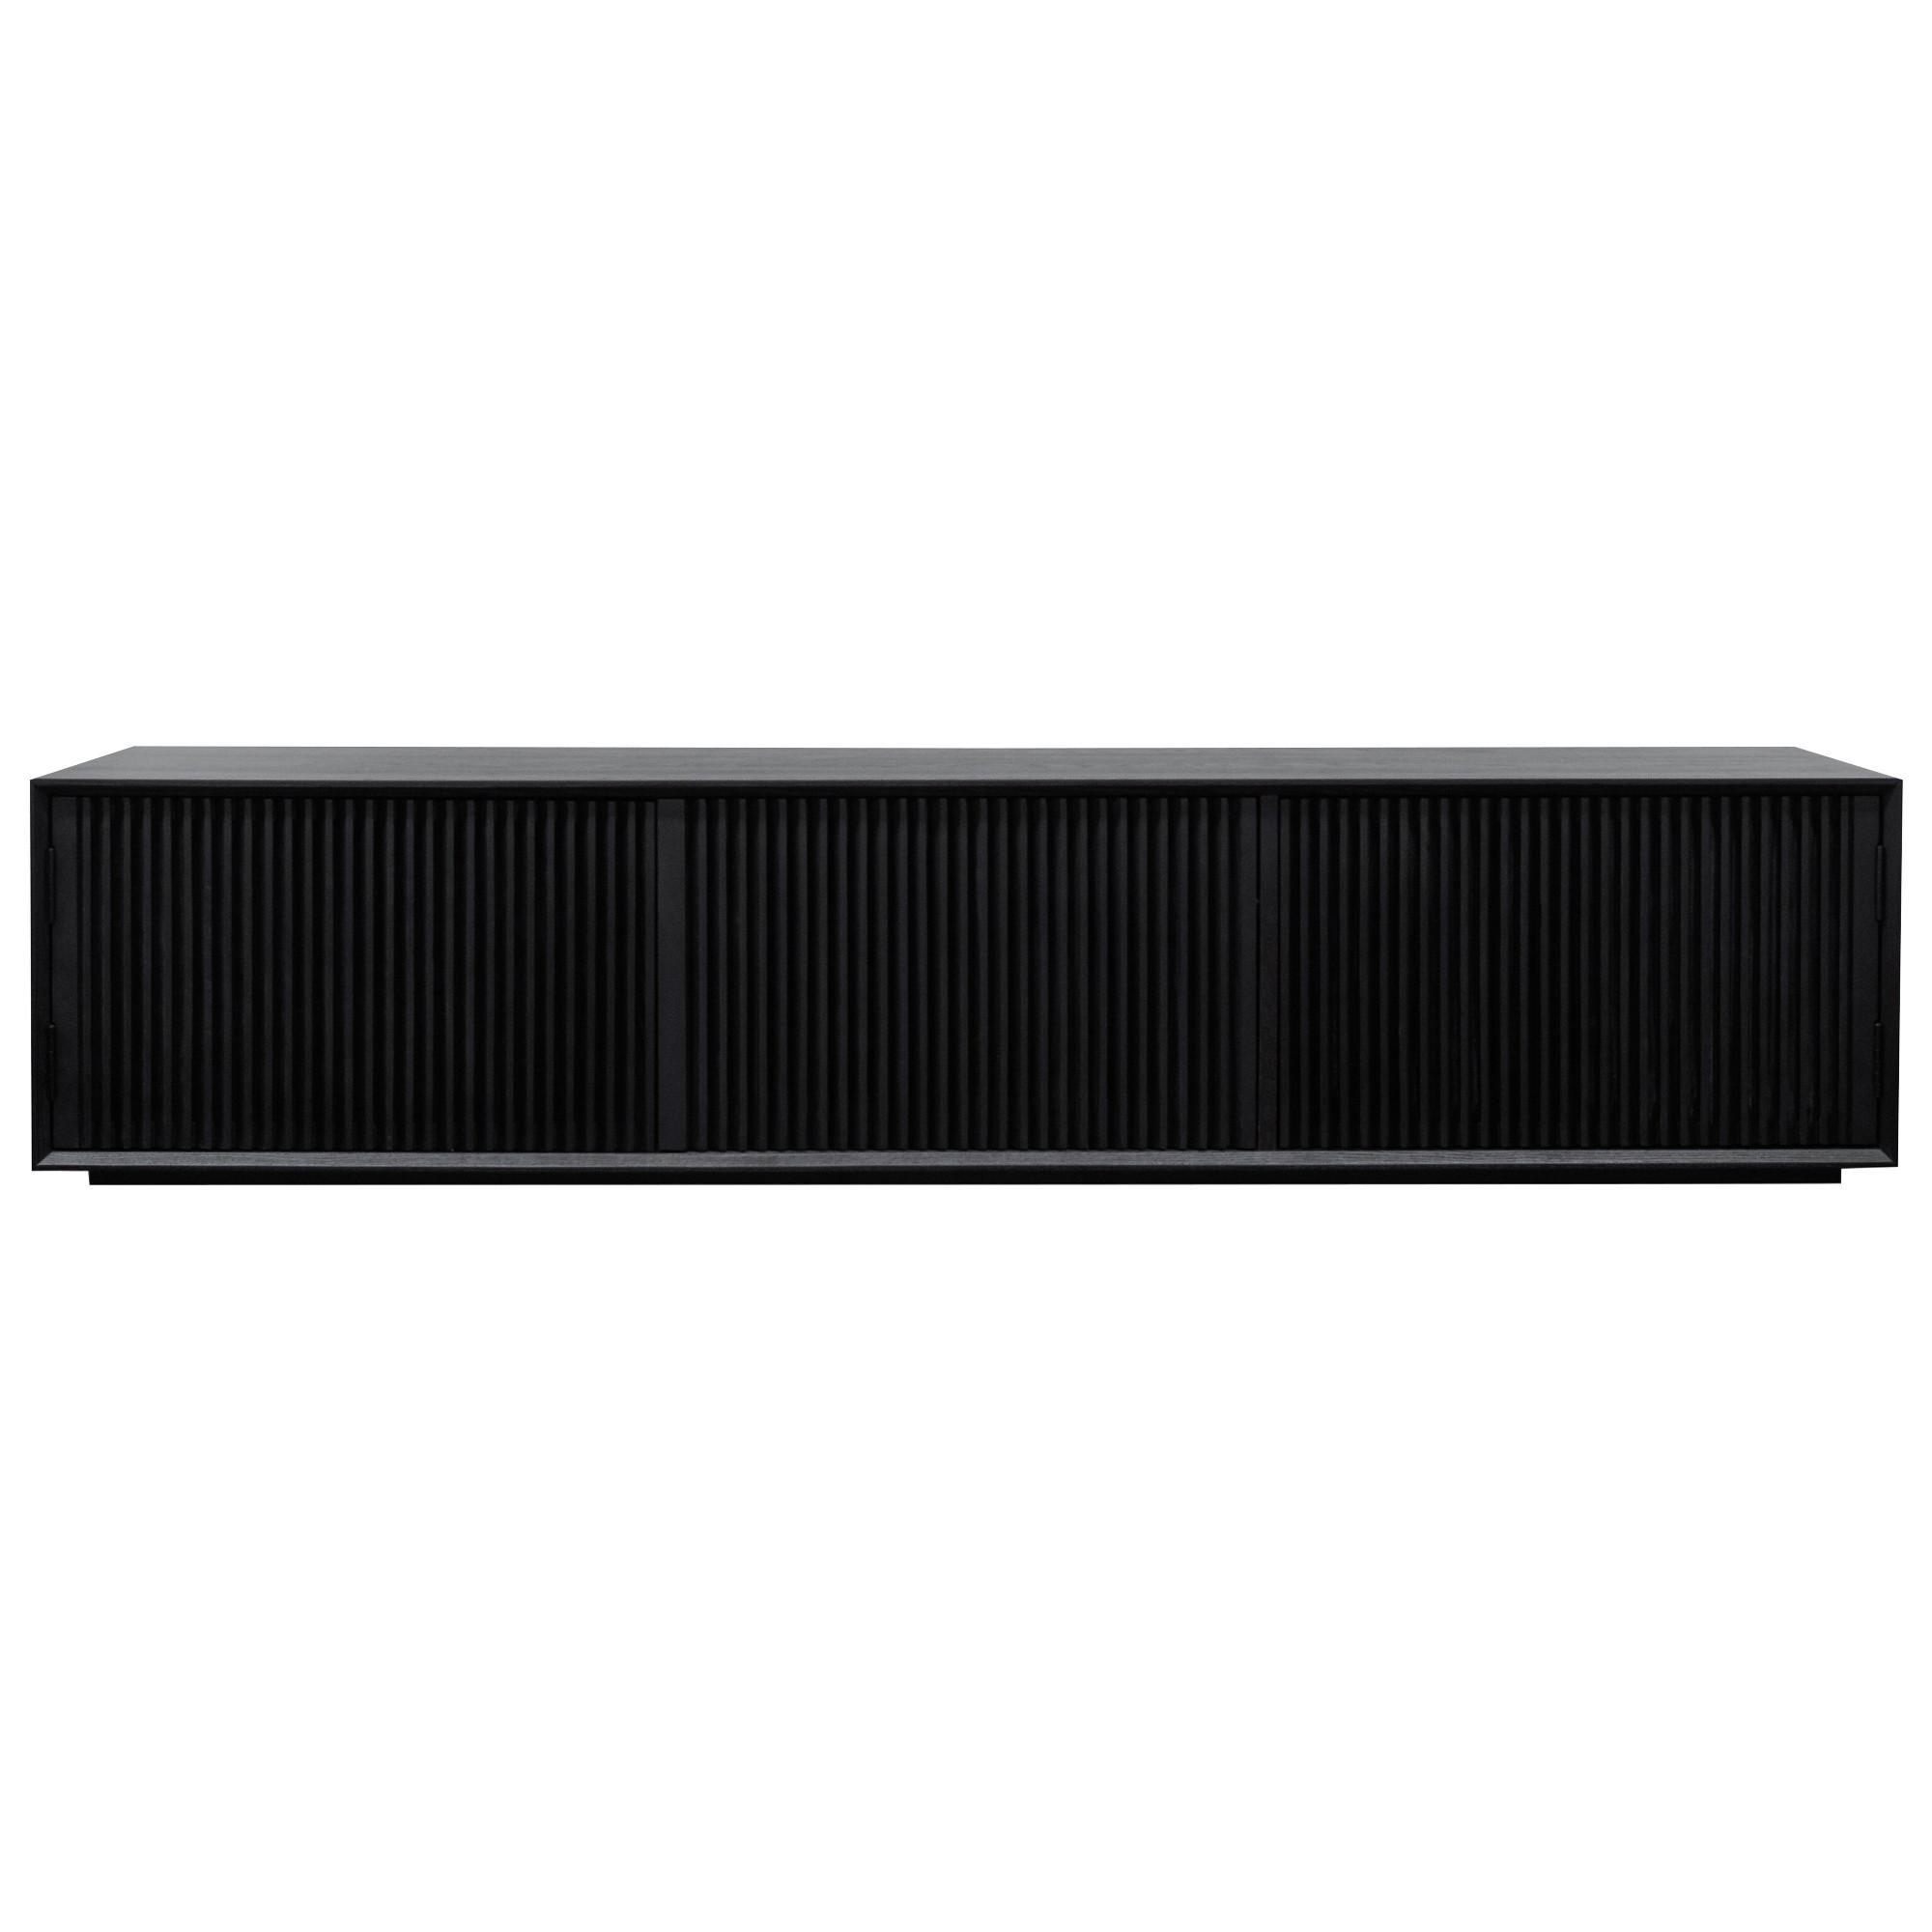 Eildon Wooden 3 Door TV Unit, 200cm, Black